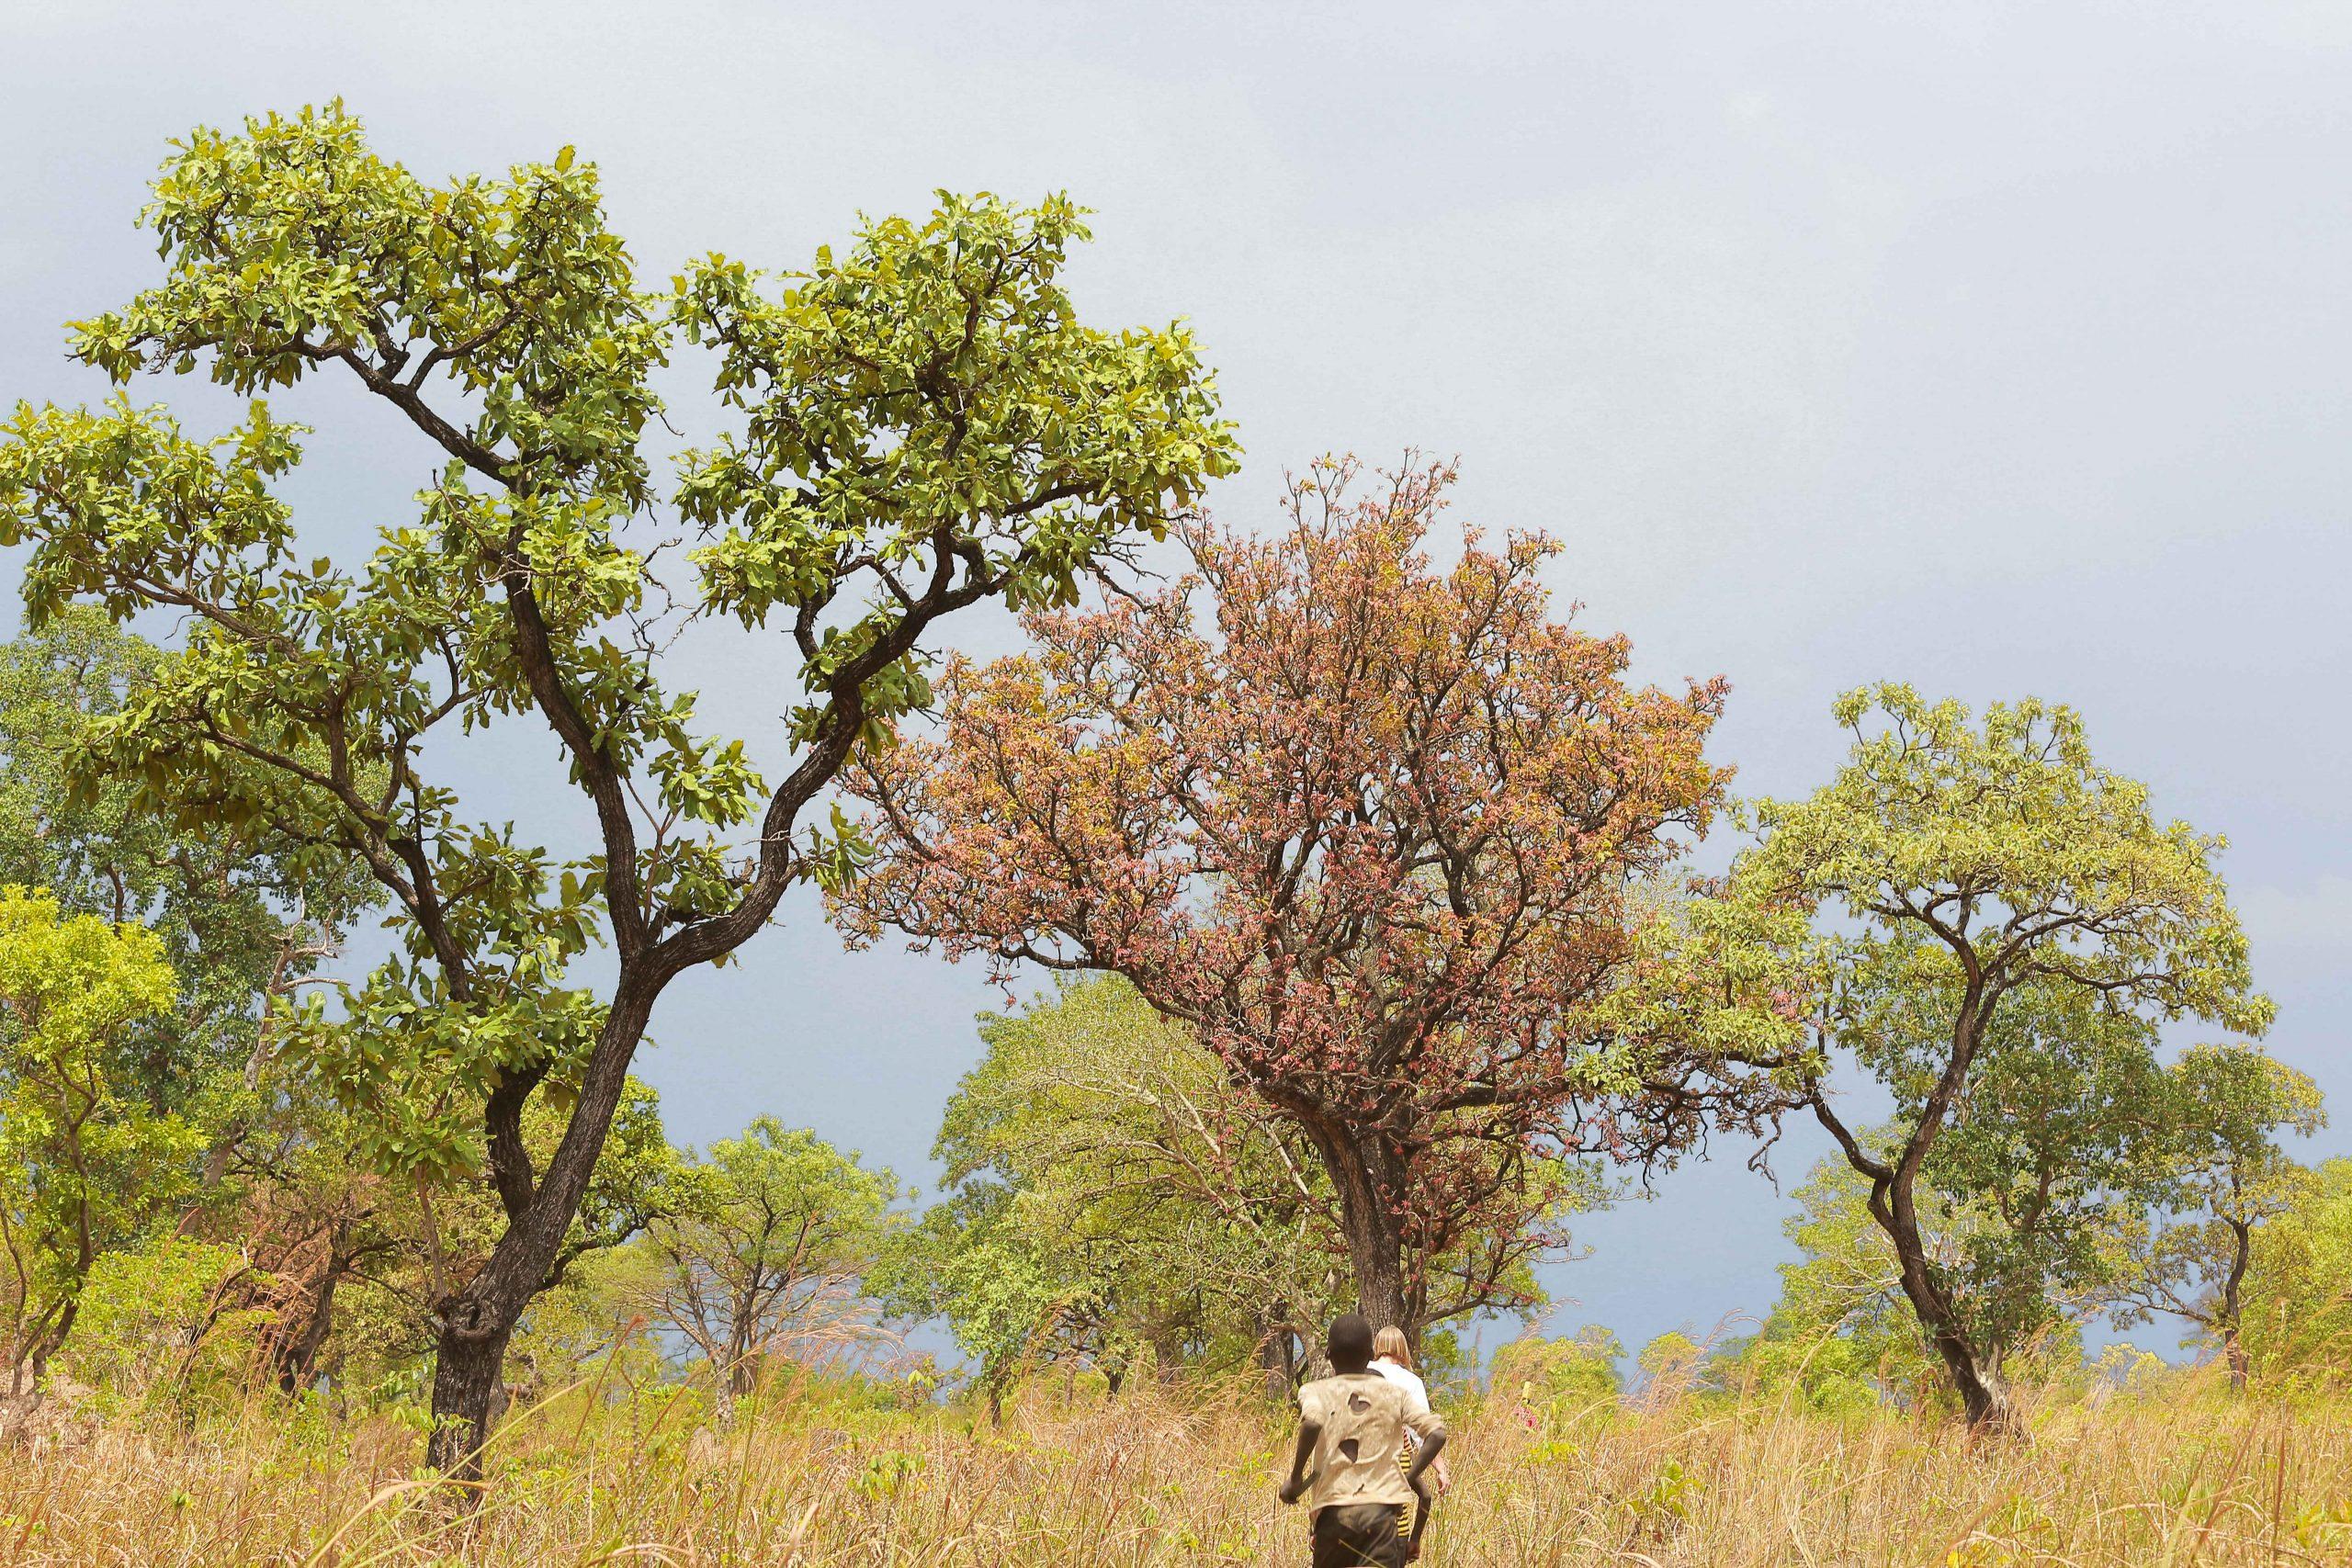 Wild nilotica trees in north uganda